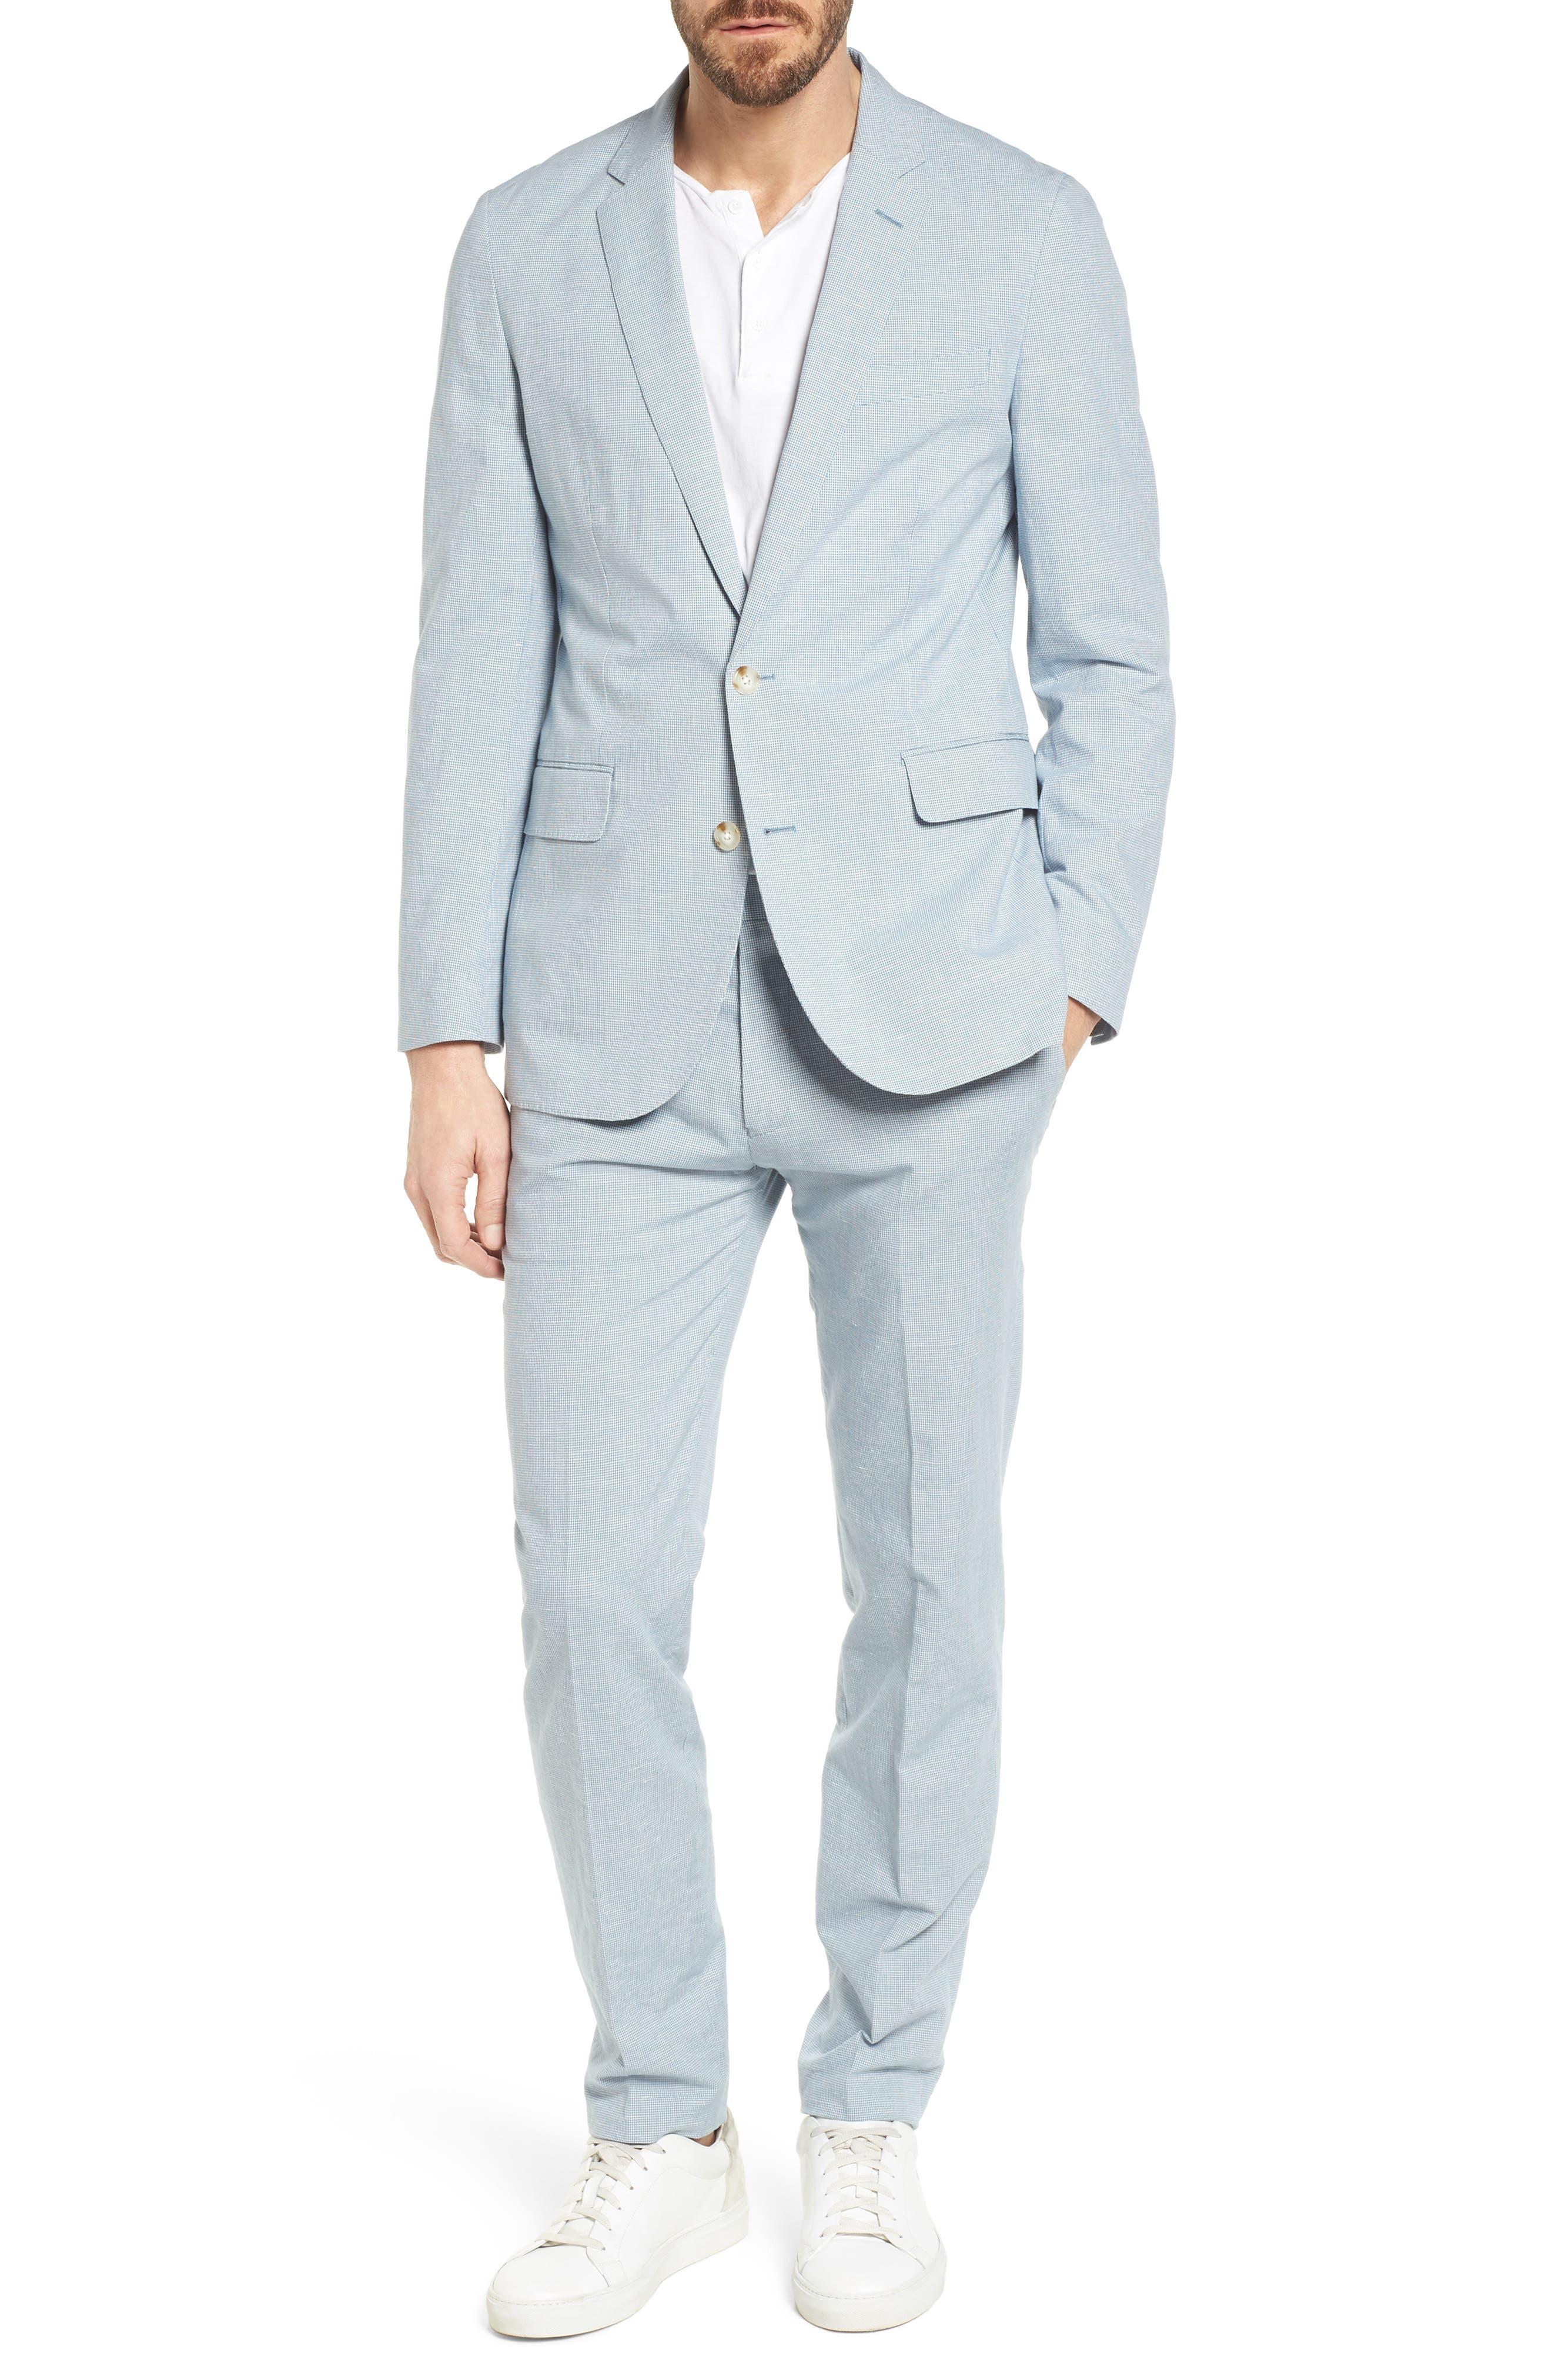 Ludlow Trim Fit Houndstooth Cotton & Linen Suit Pants,                             Alternate thumbnail 7, color,                             Light Blue